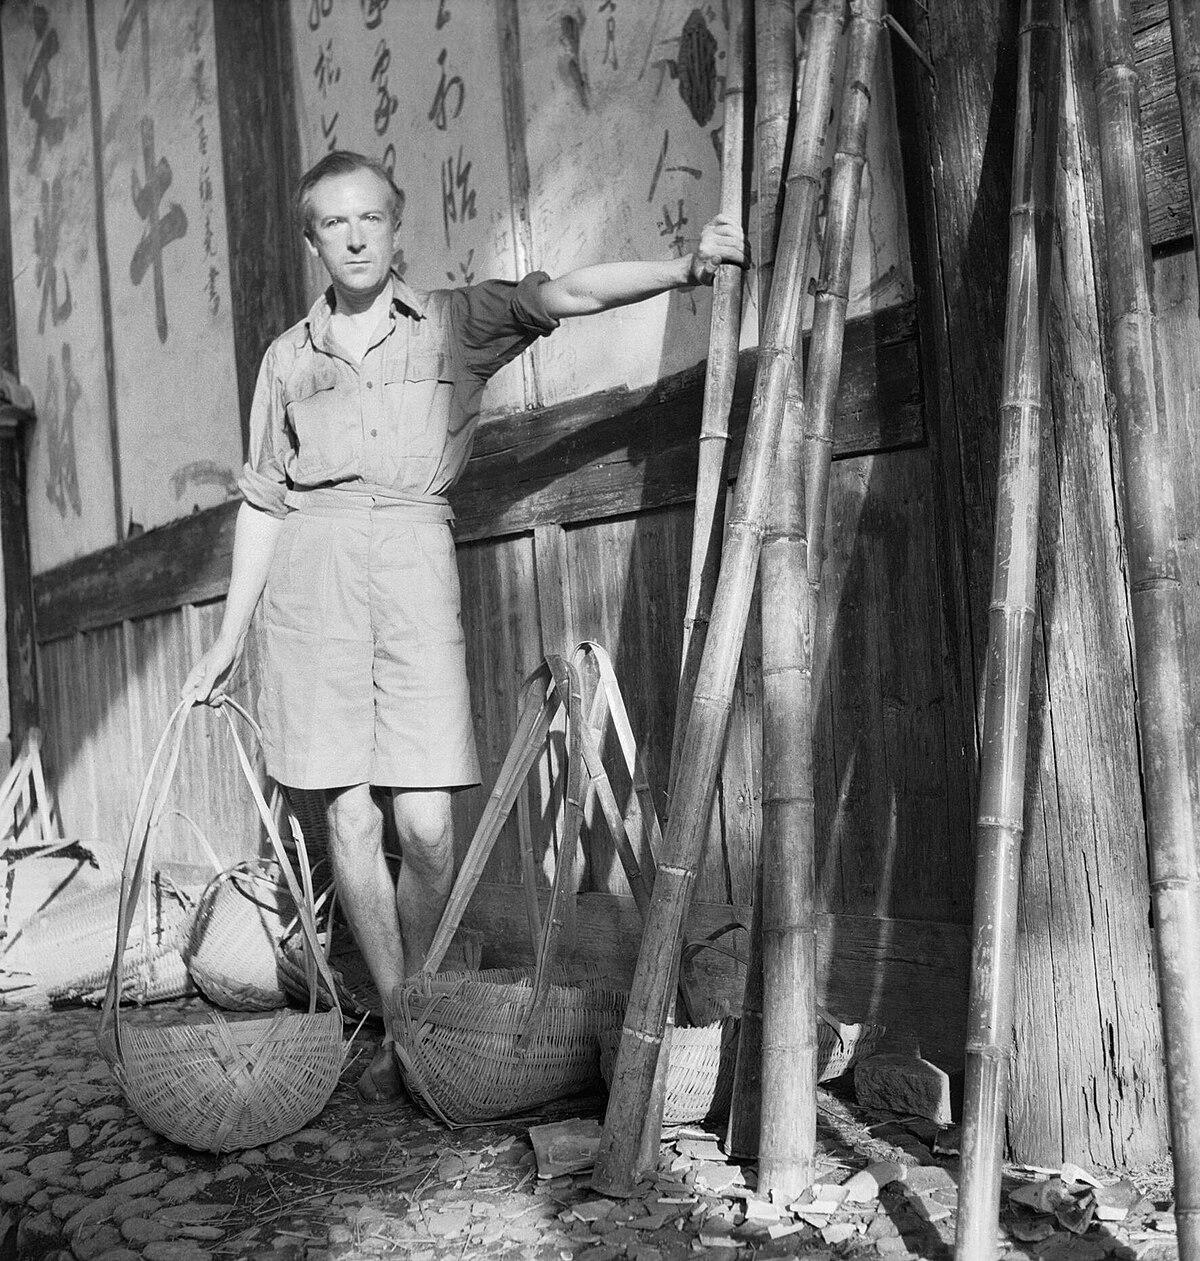 Cecil Beaton Photographs- General; Beaton, Cecil IB4287C.jpg